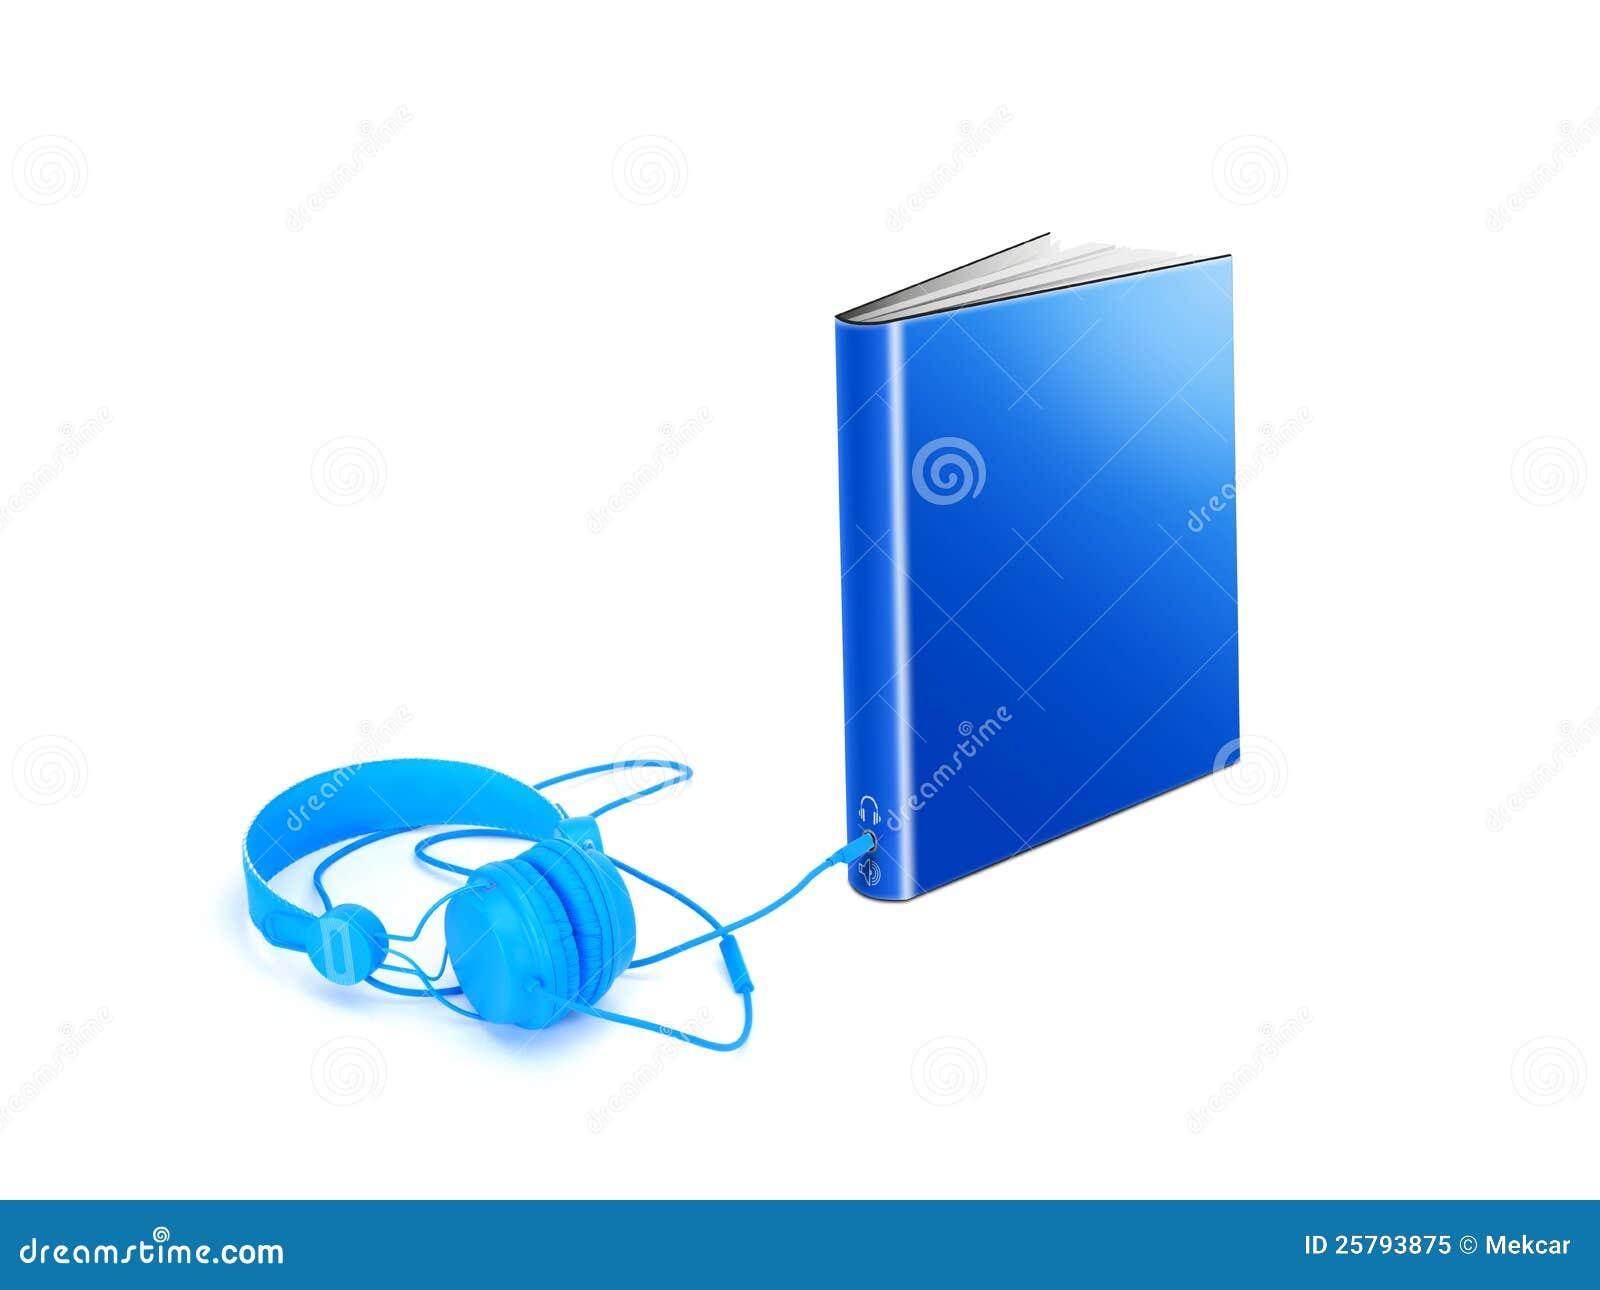 Audio Books Free White Teens 63